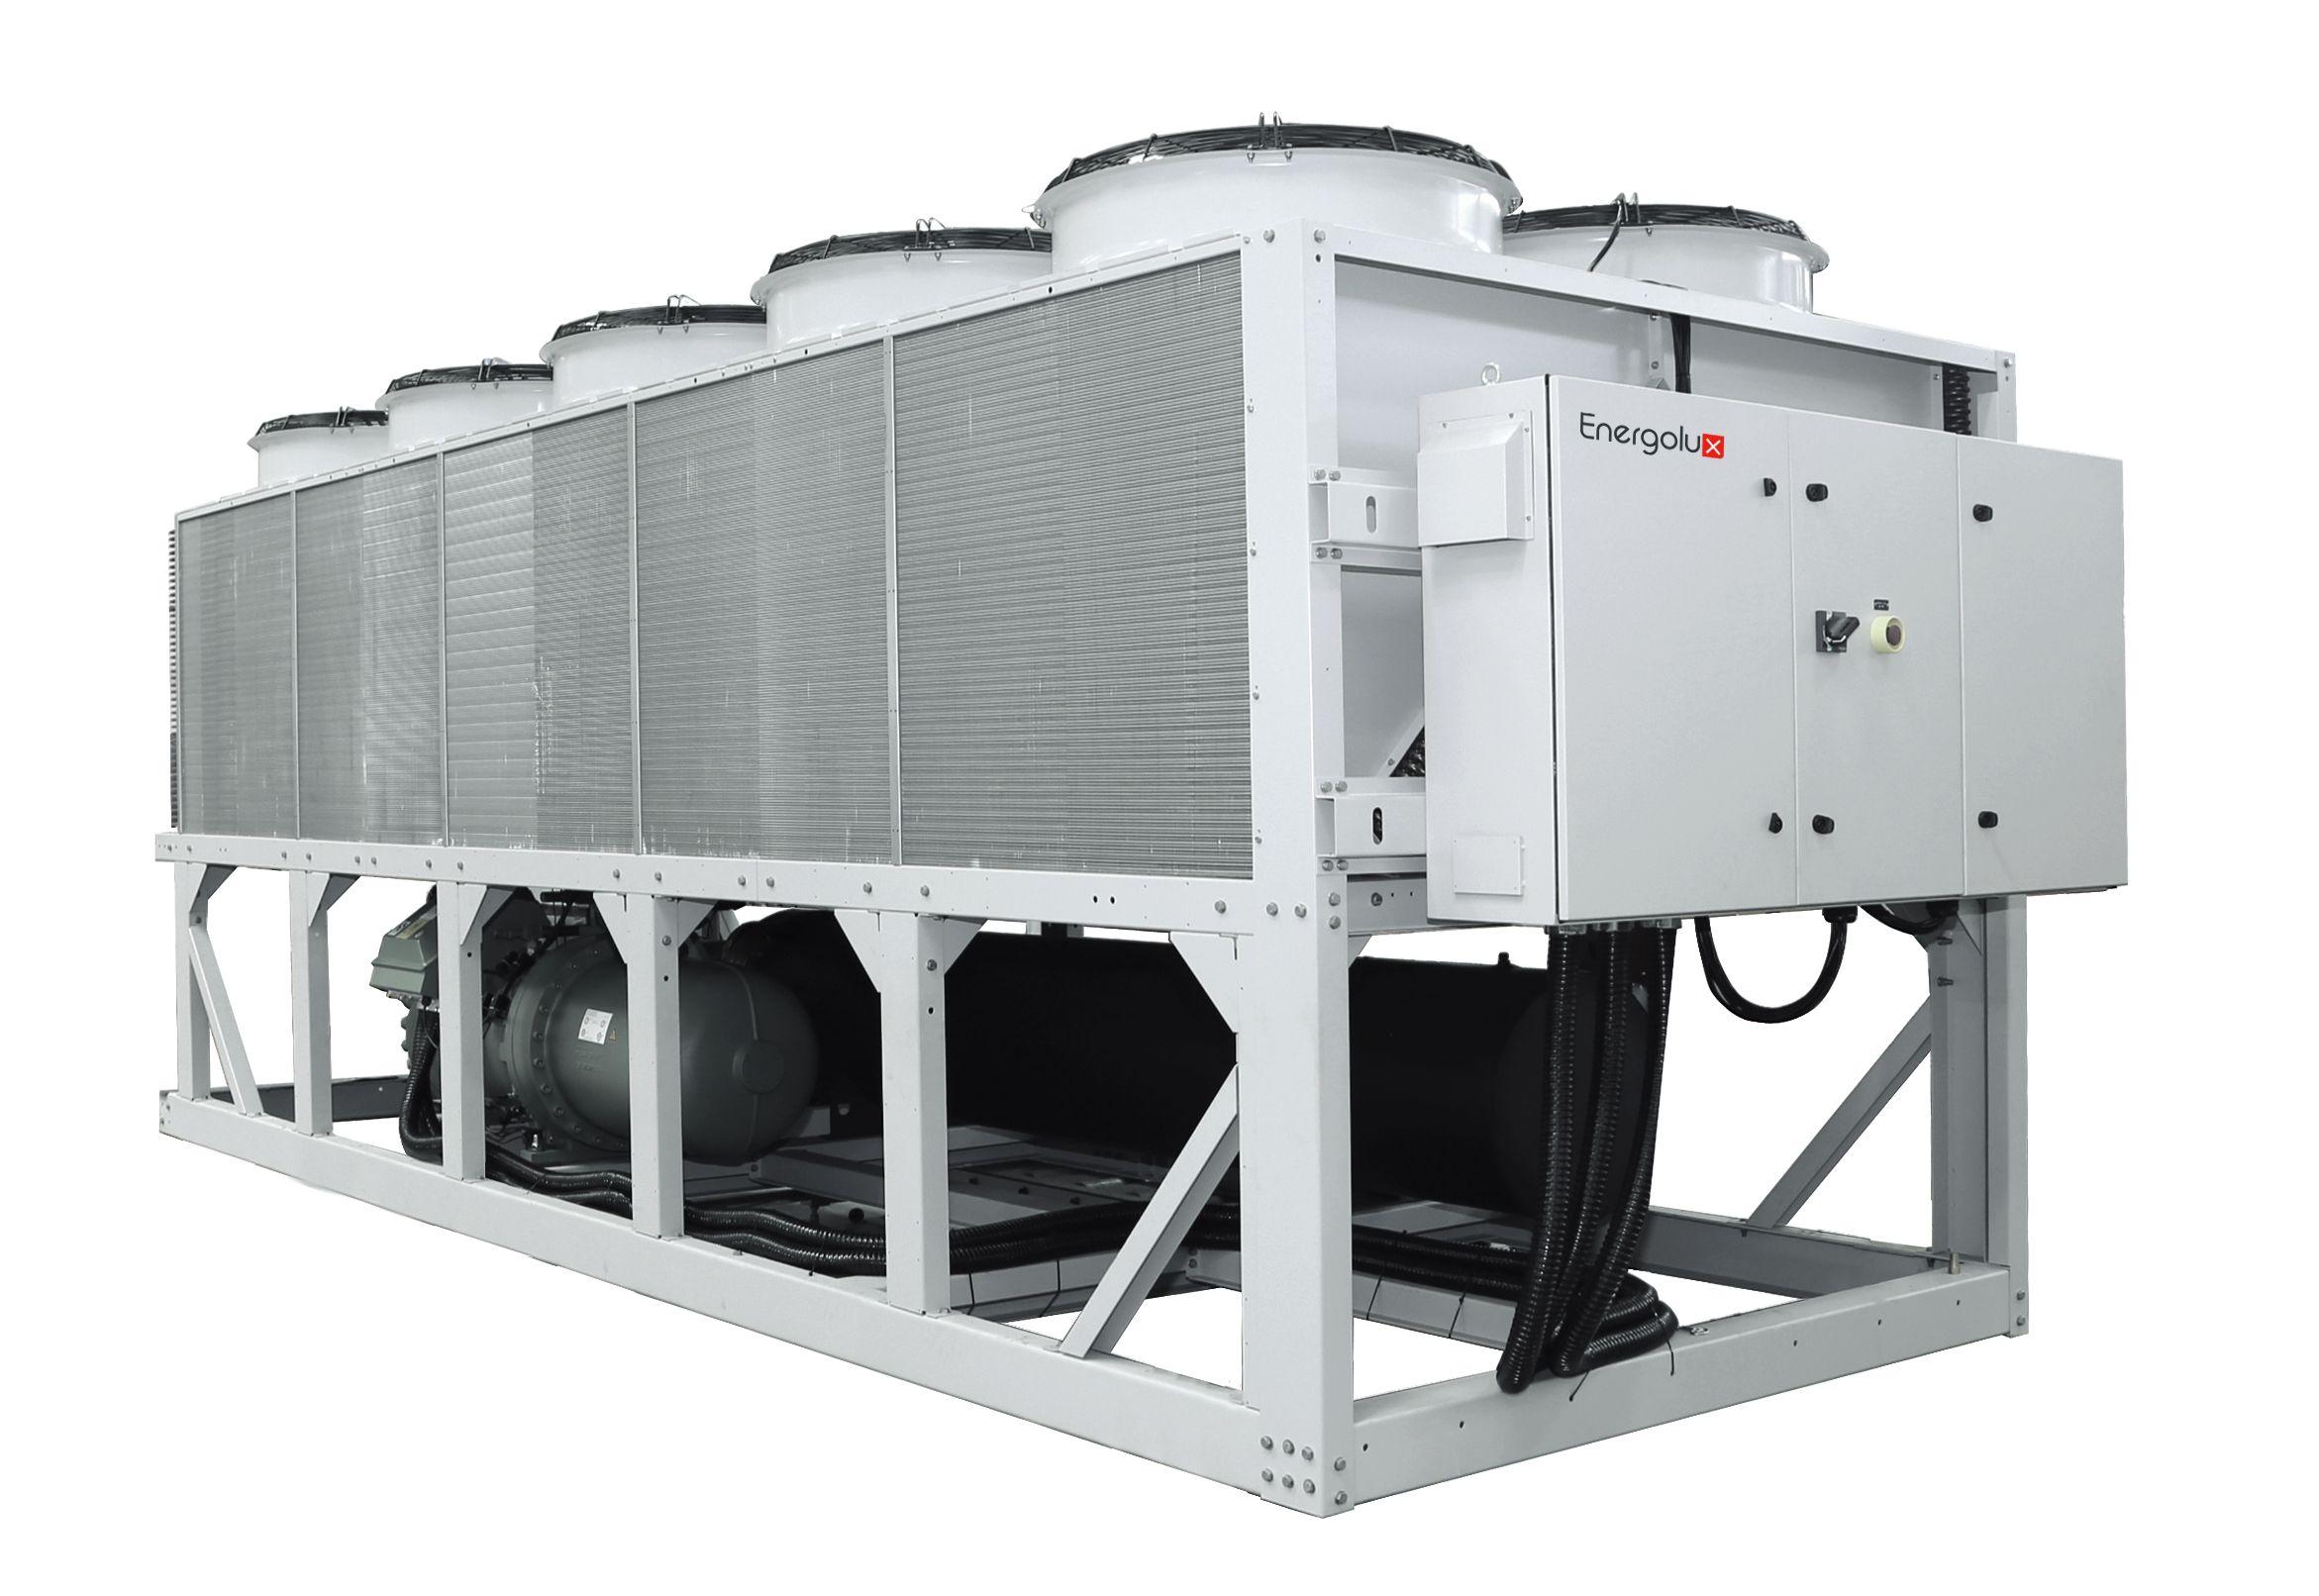 Energolux SCAW-T 21170 V